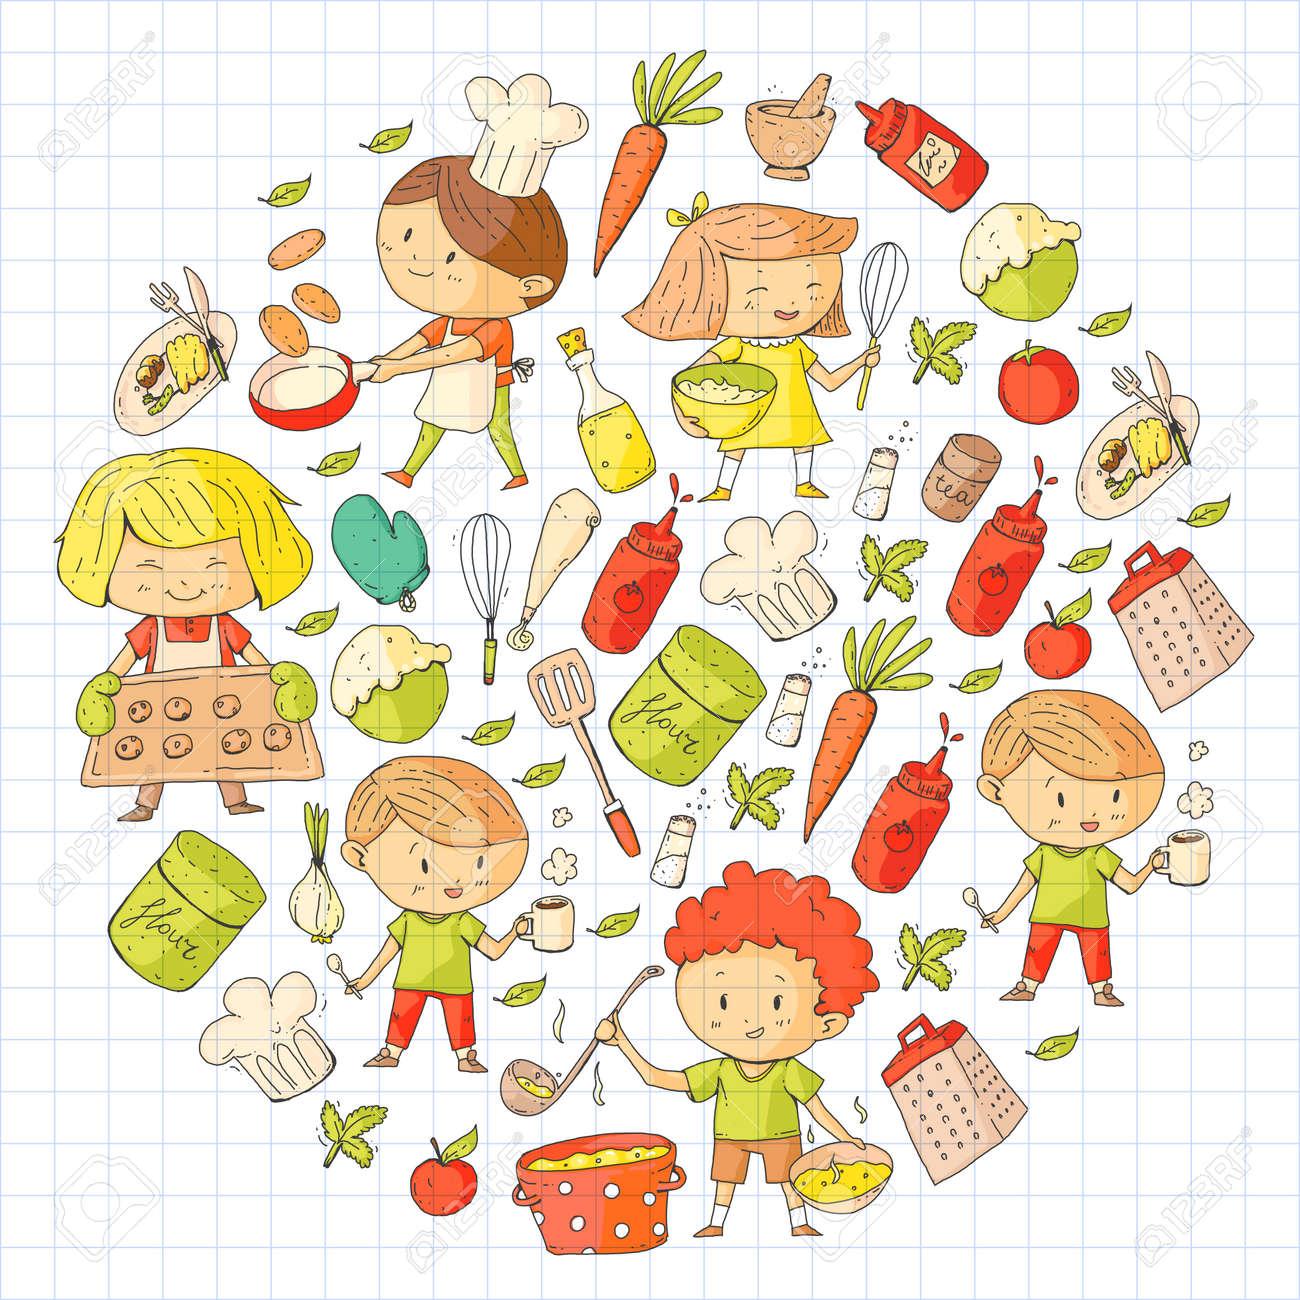 Crianças Fofos Cozinhar Alimentos Crianças Do Jardim De Infância E Da Escola Crianças De Desenho Aula De Culinária Café De Crianças E